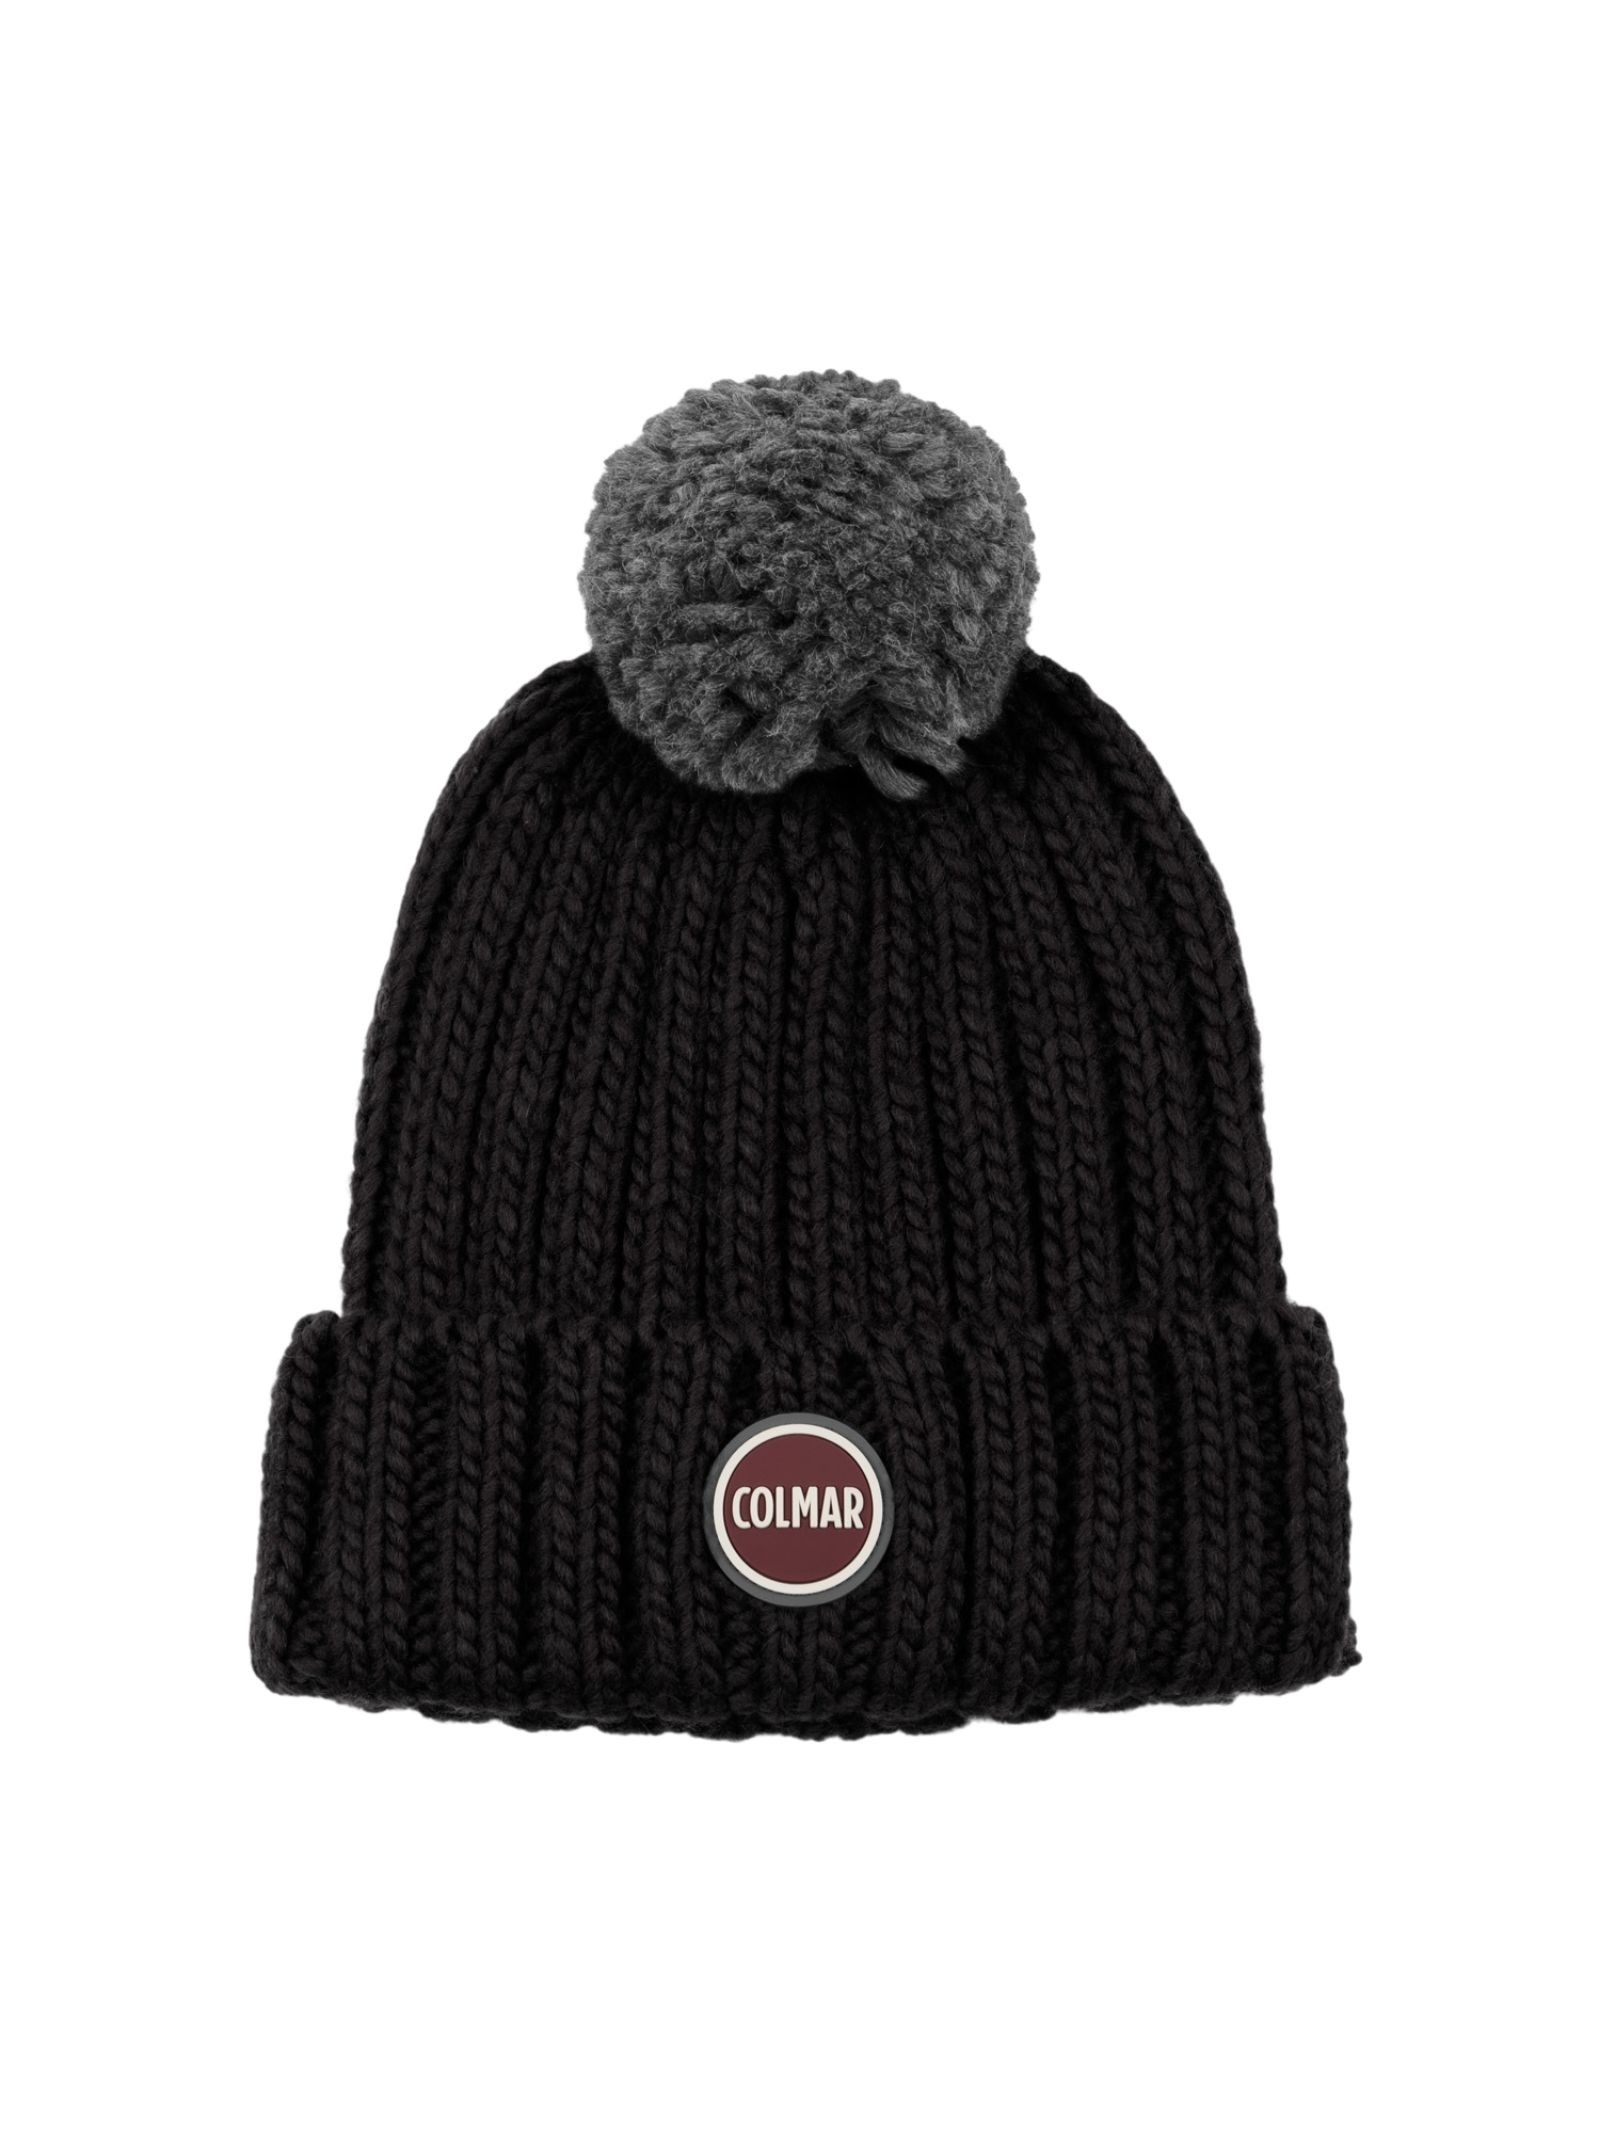 COLMAR | Hats | 5016 3RZ99